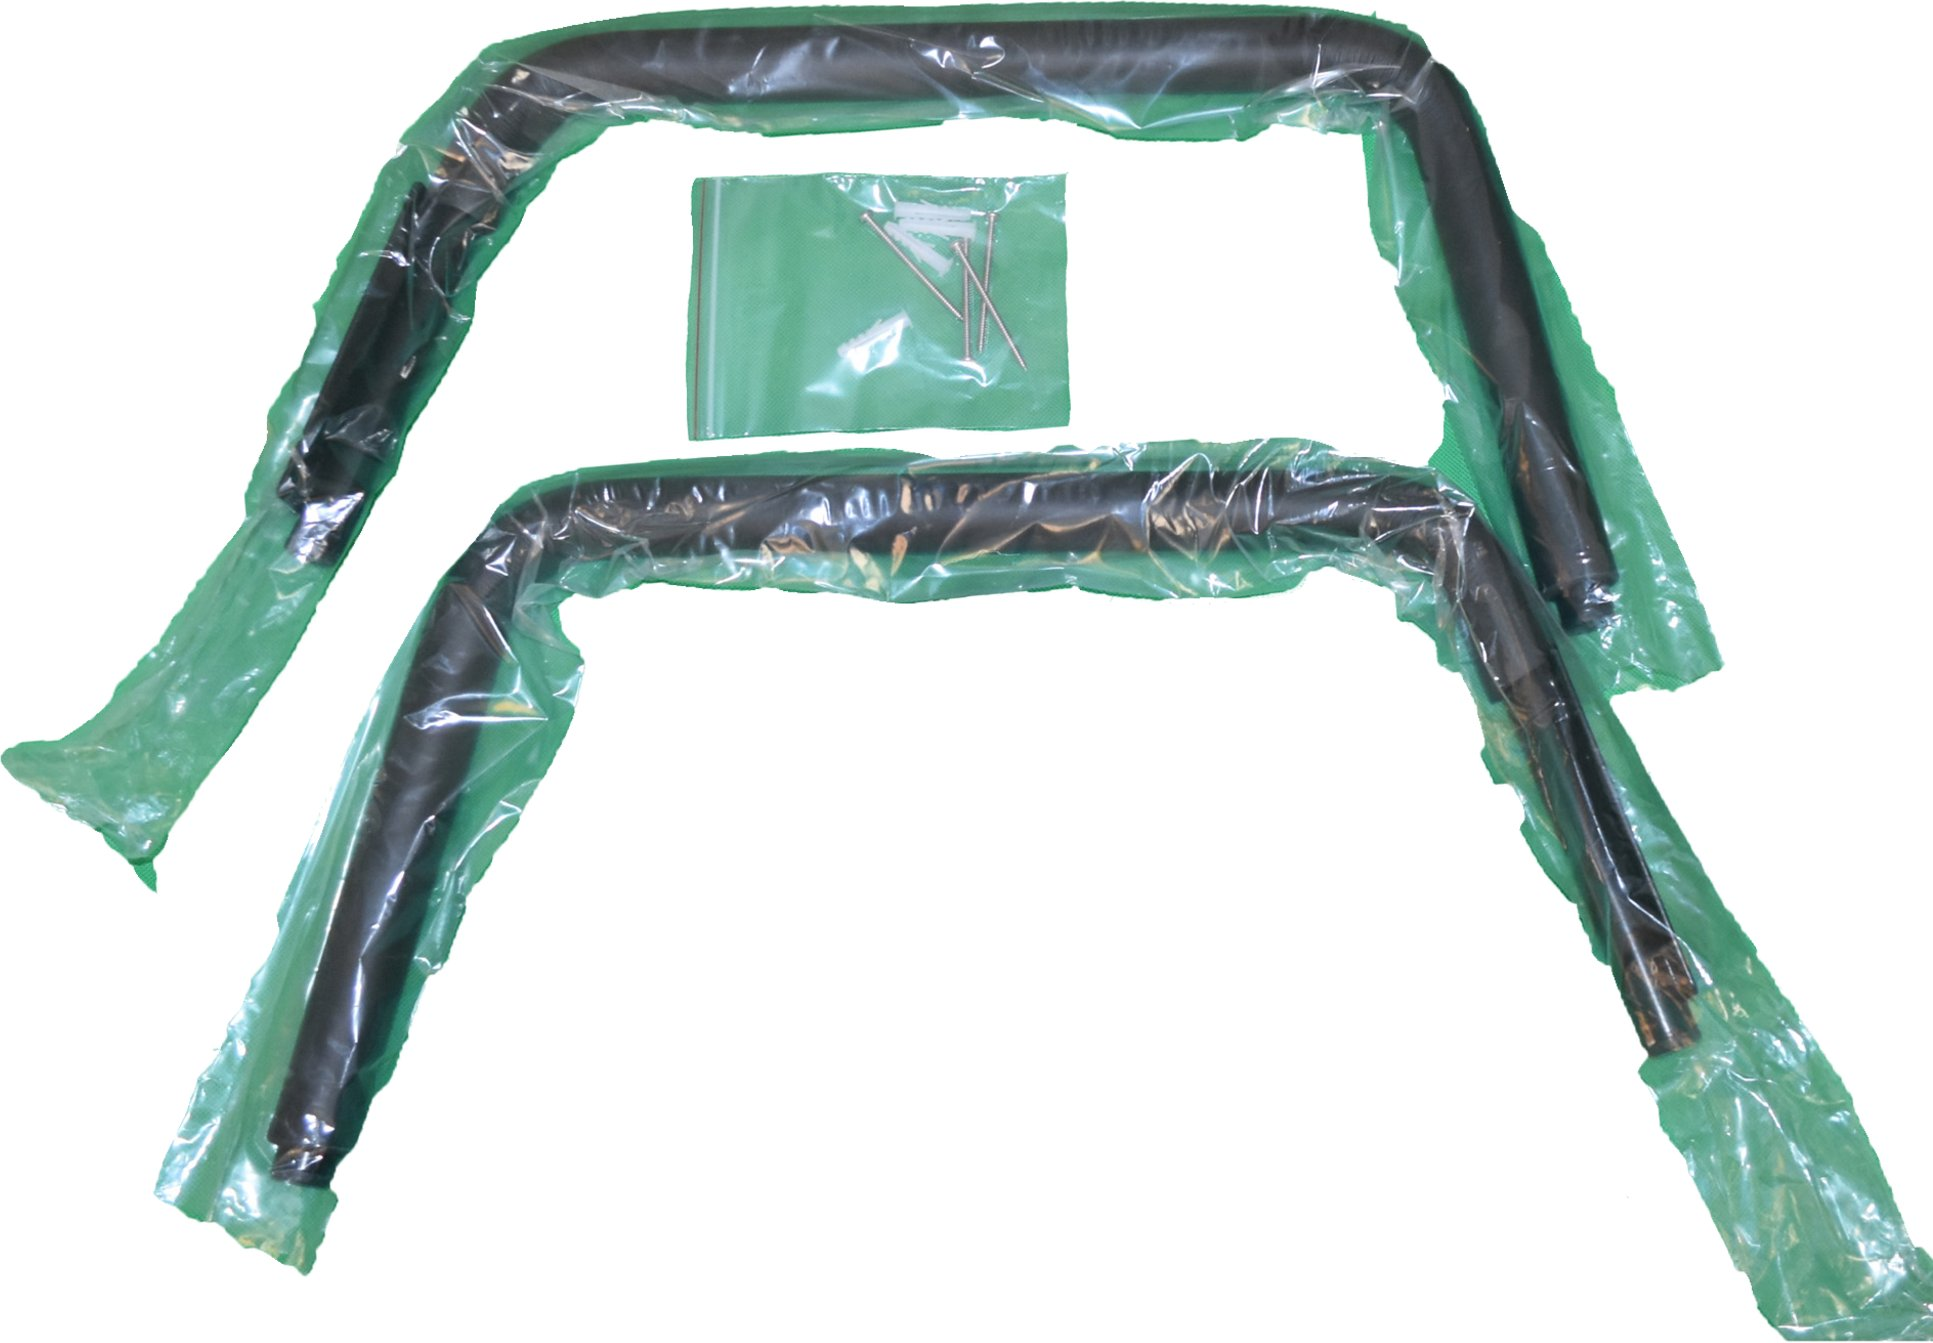 Best pris på Exped Chair Kit M Se priser før kjøp i Prisguiden